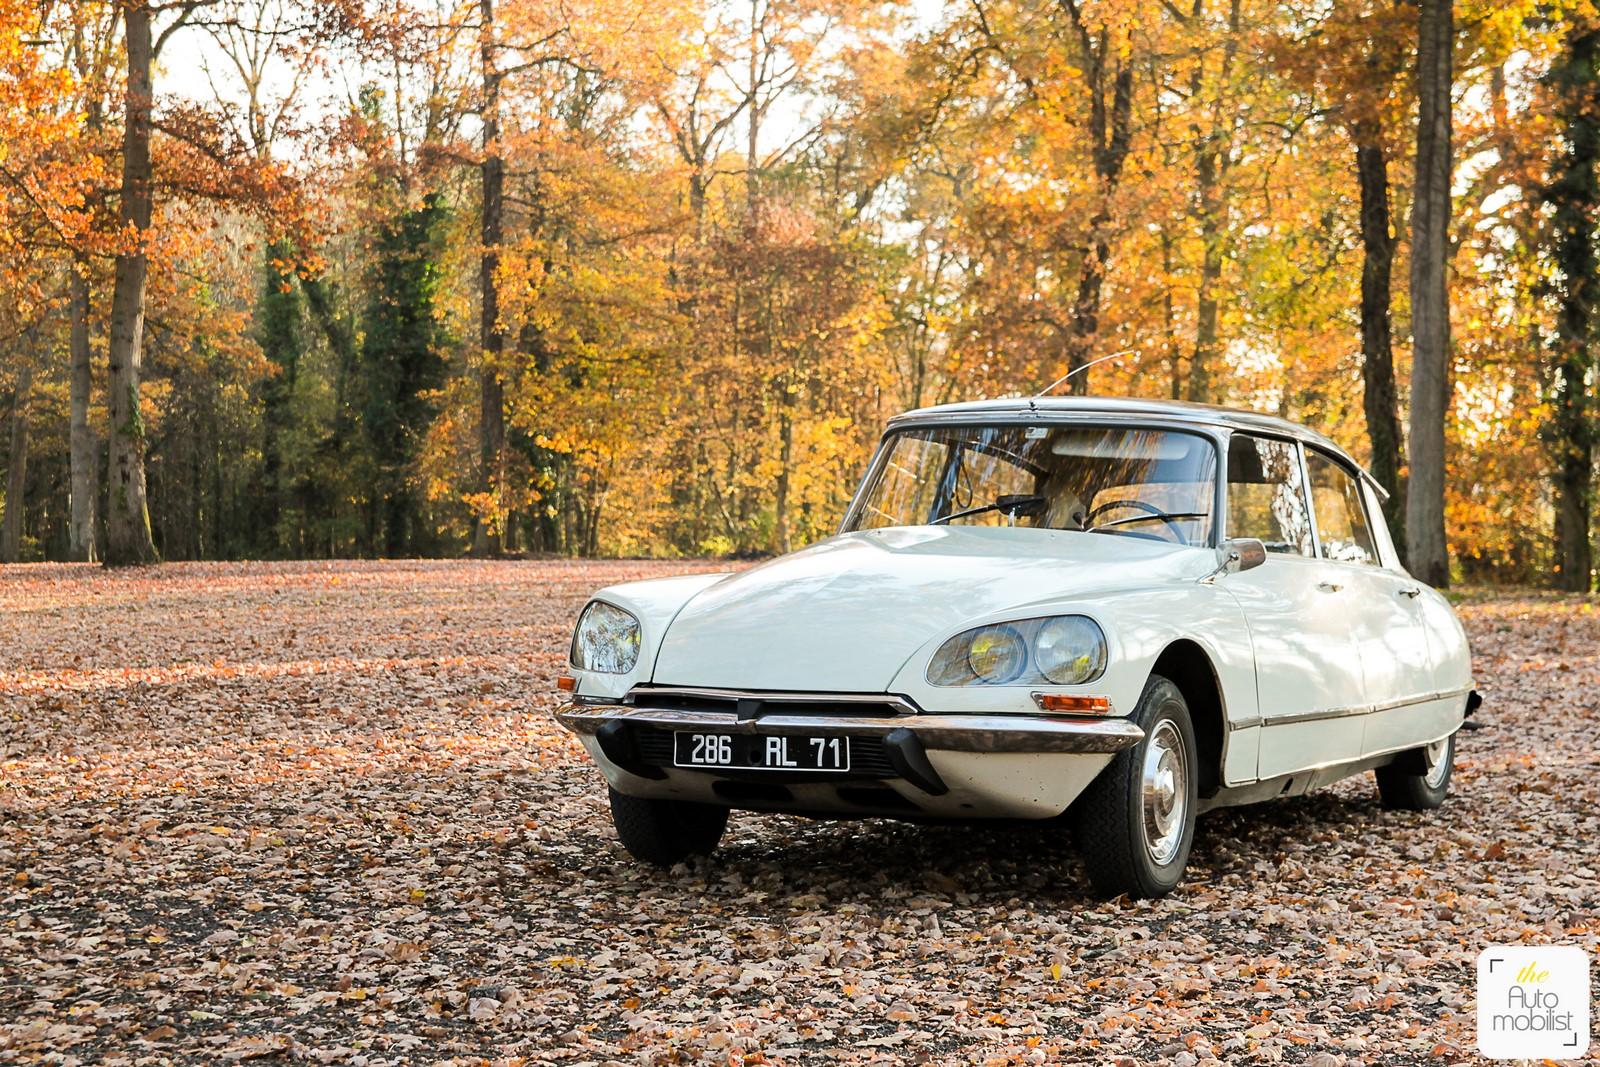 DS 20 Pallas 1969 AL The Automobilists 2018 2